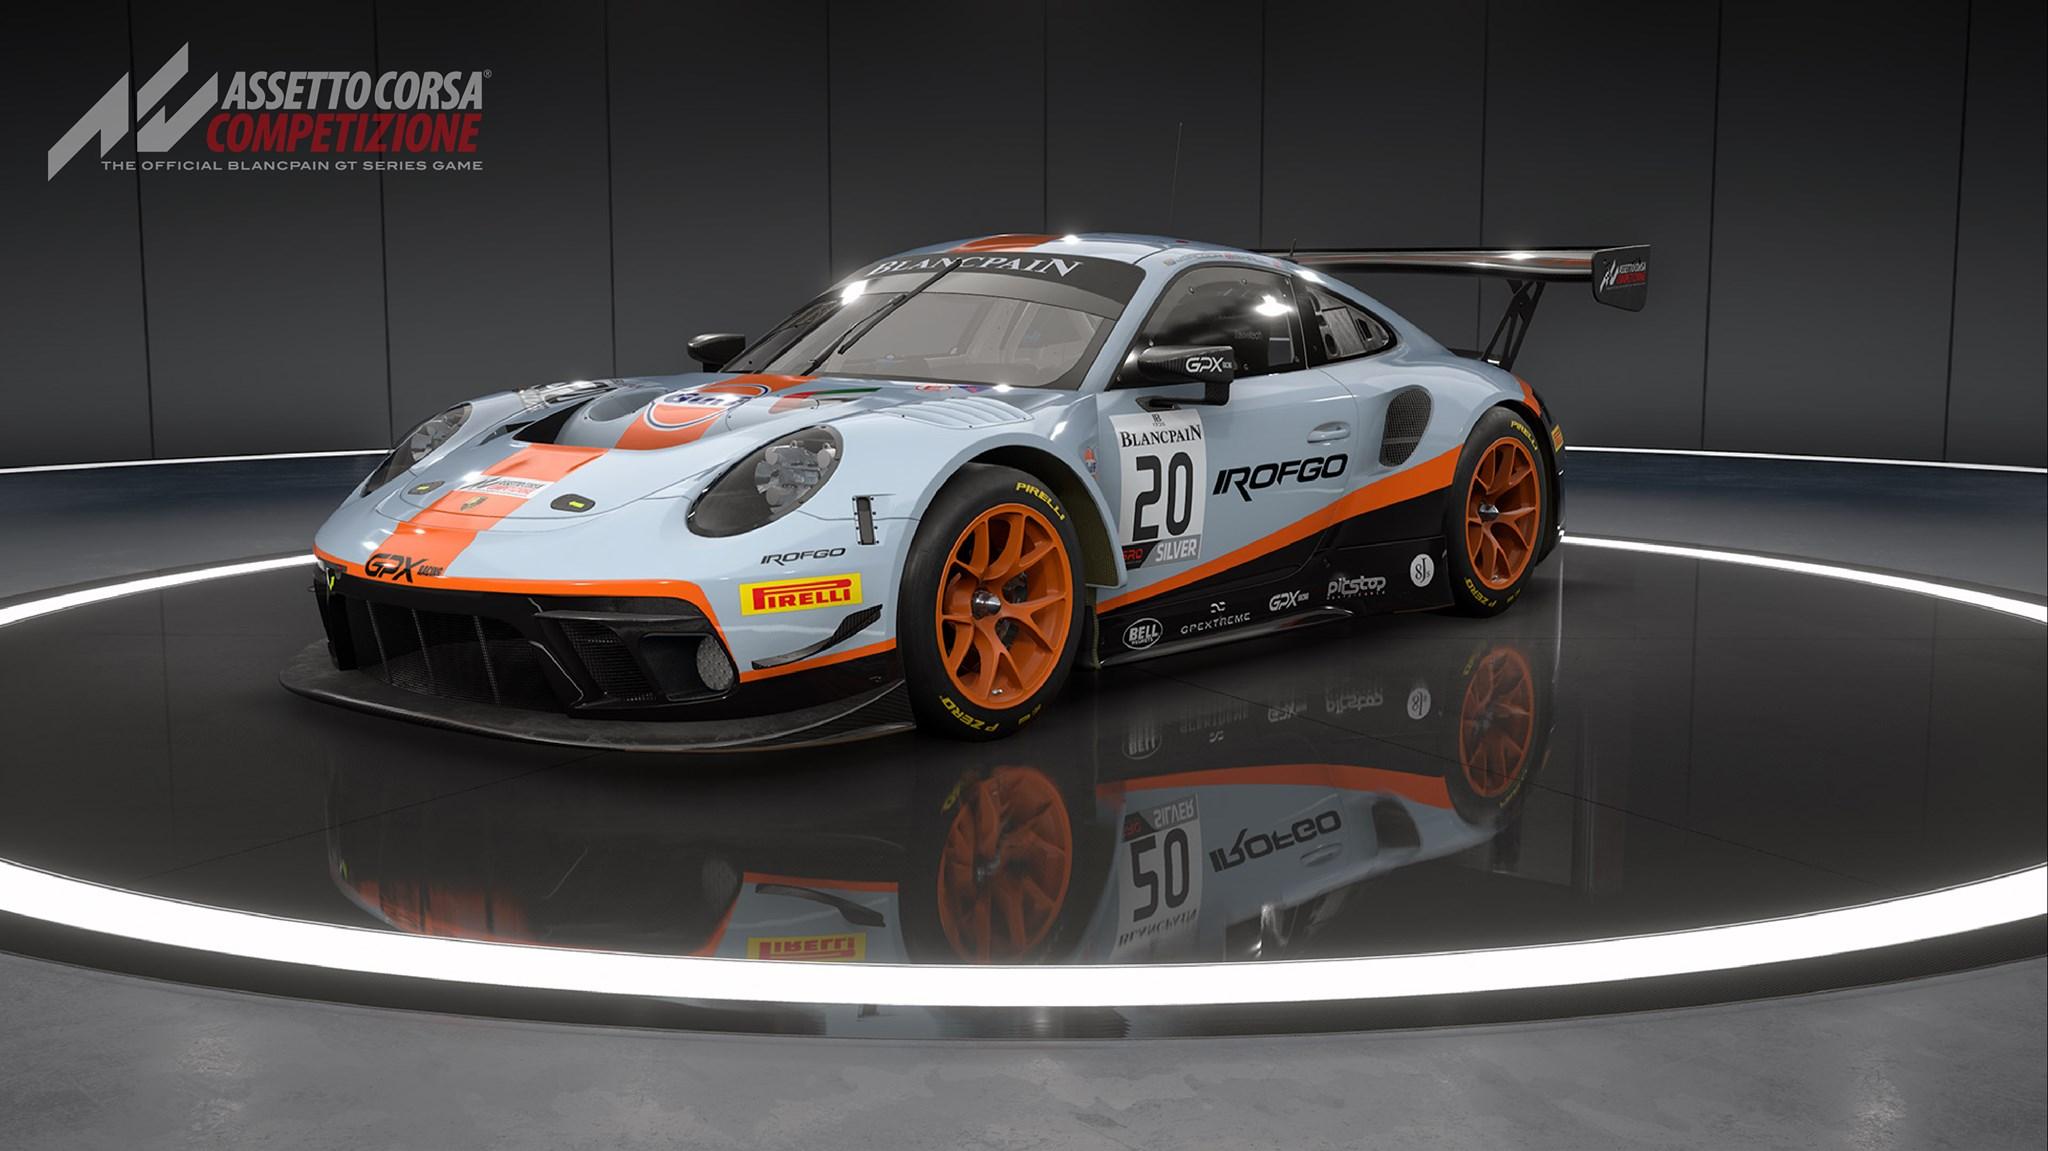 Jeux vidéo - Page 2 PorscheAssetto